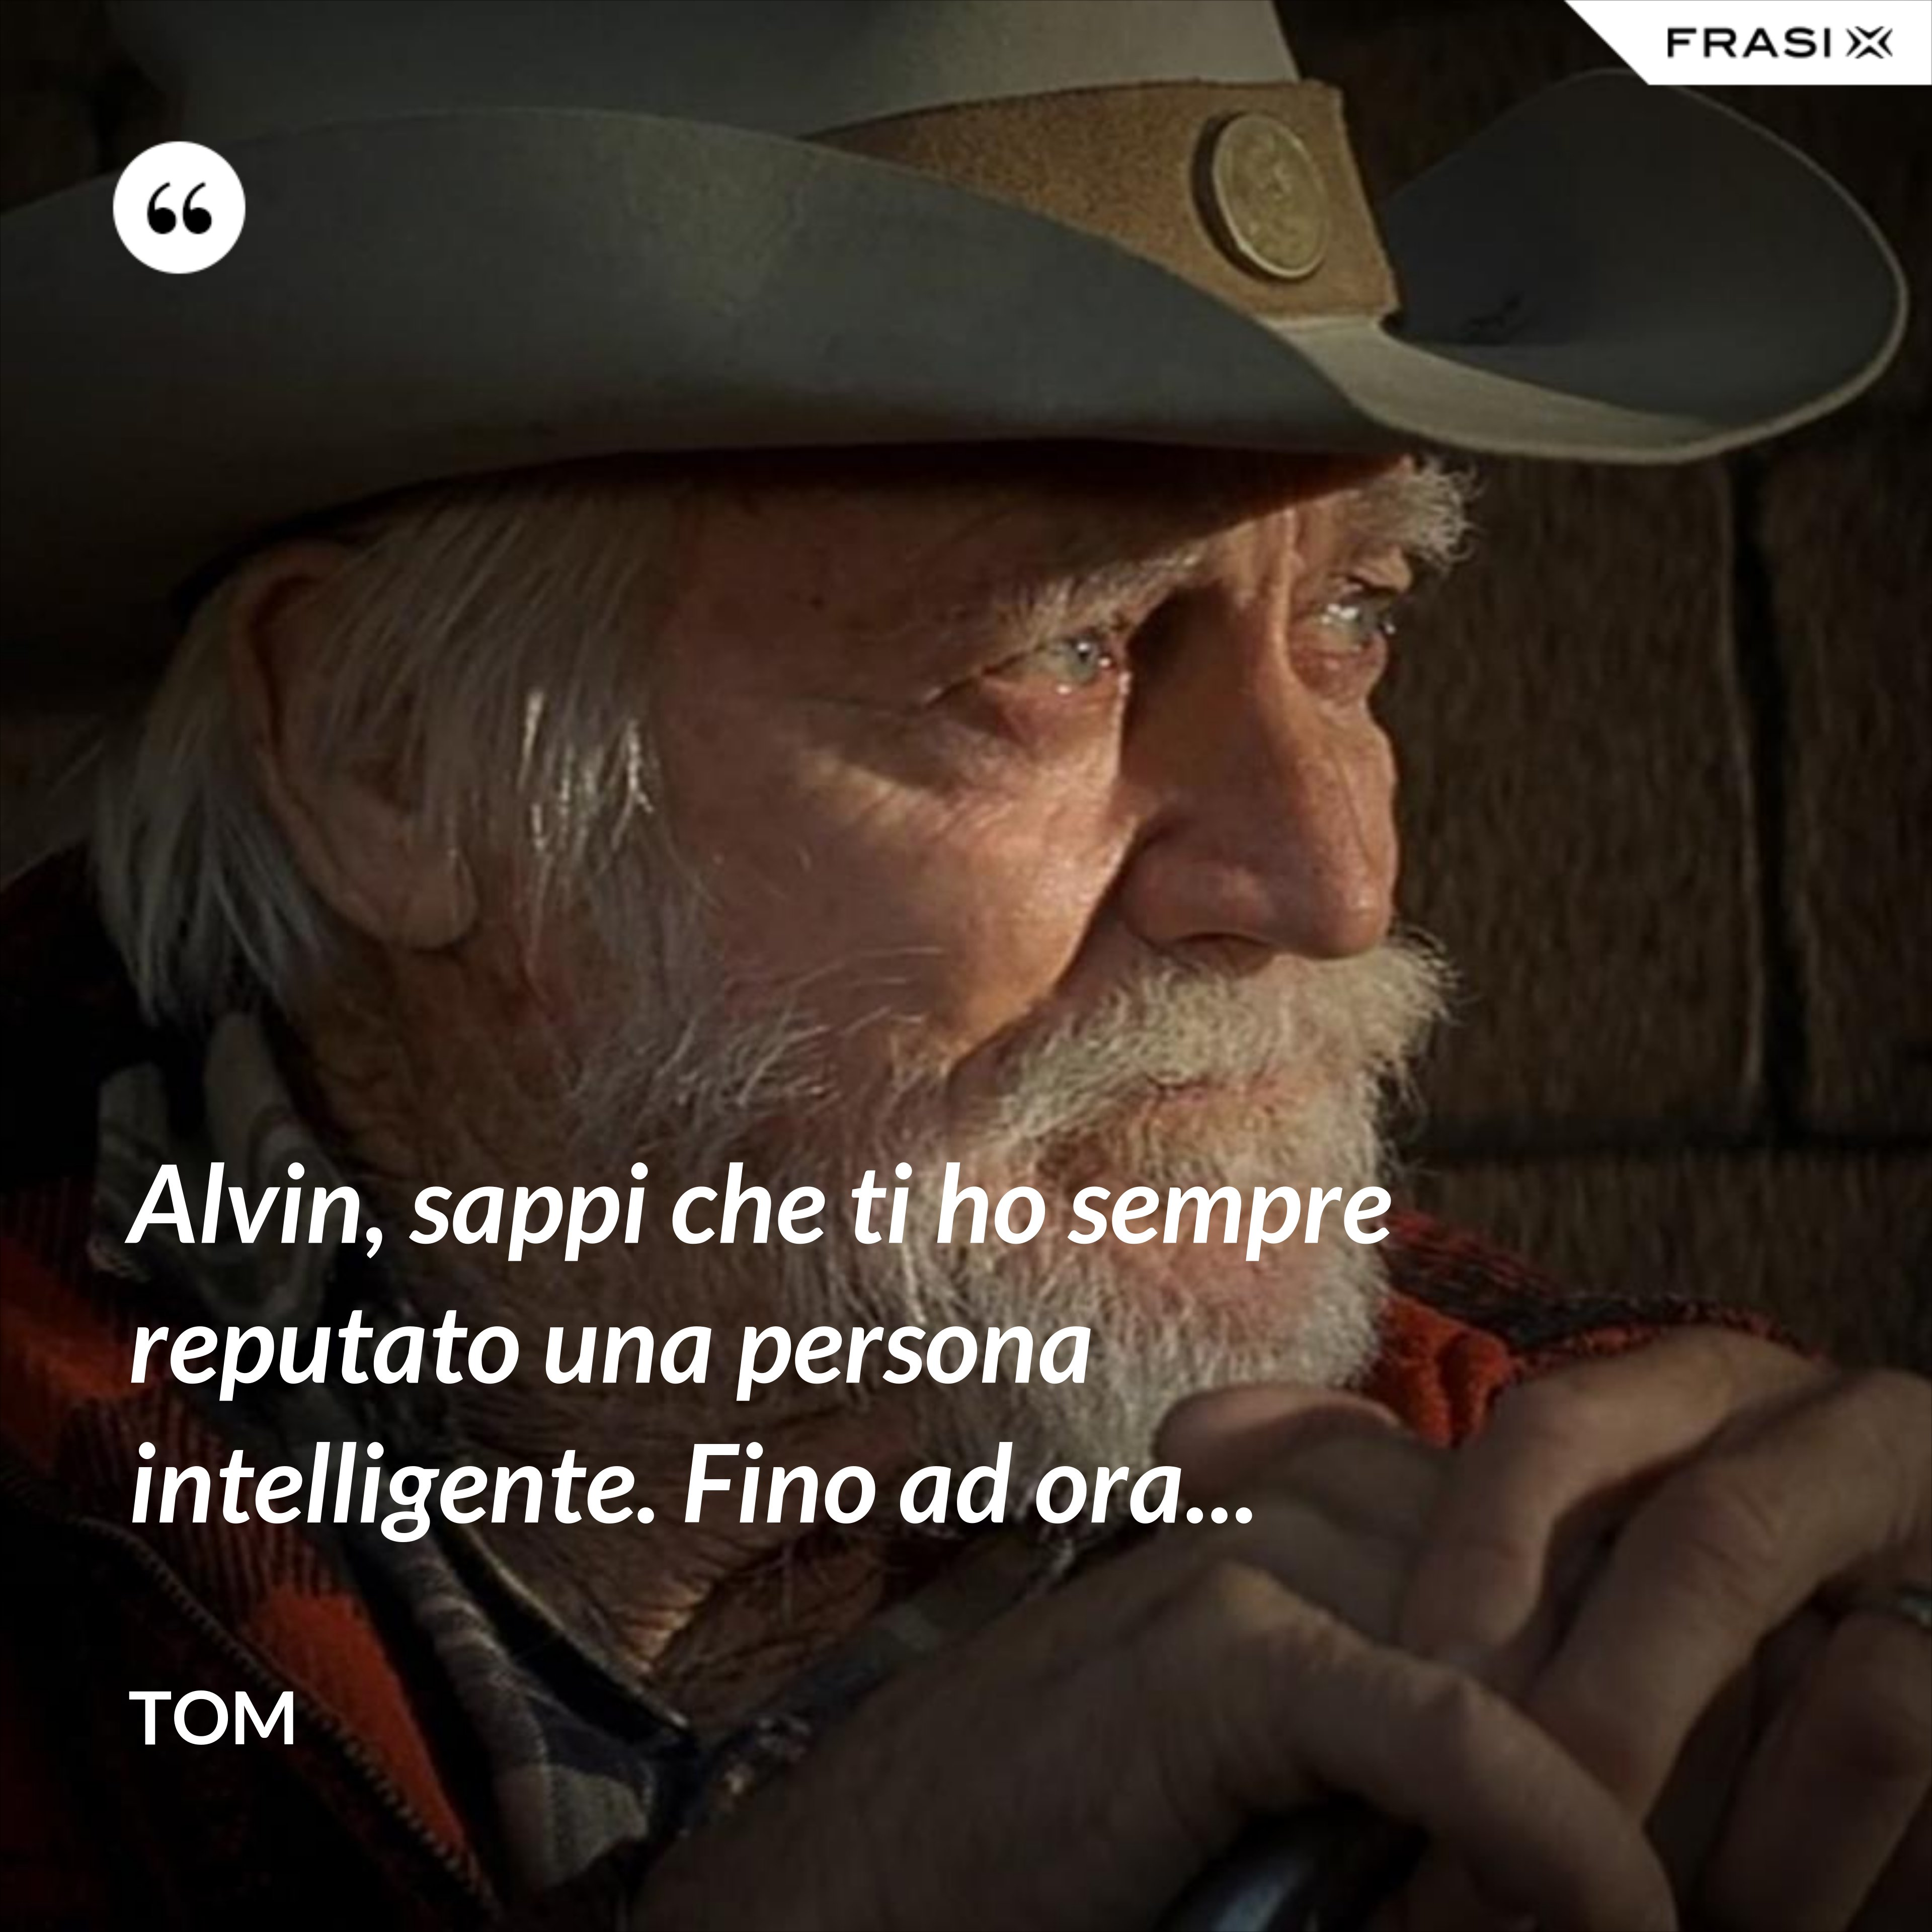 Alvin, sappi che ti ho sempre reputato una persona intelligente. Fino ad ora... - Tom